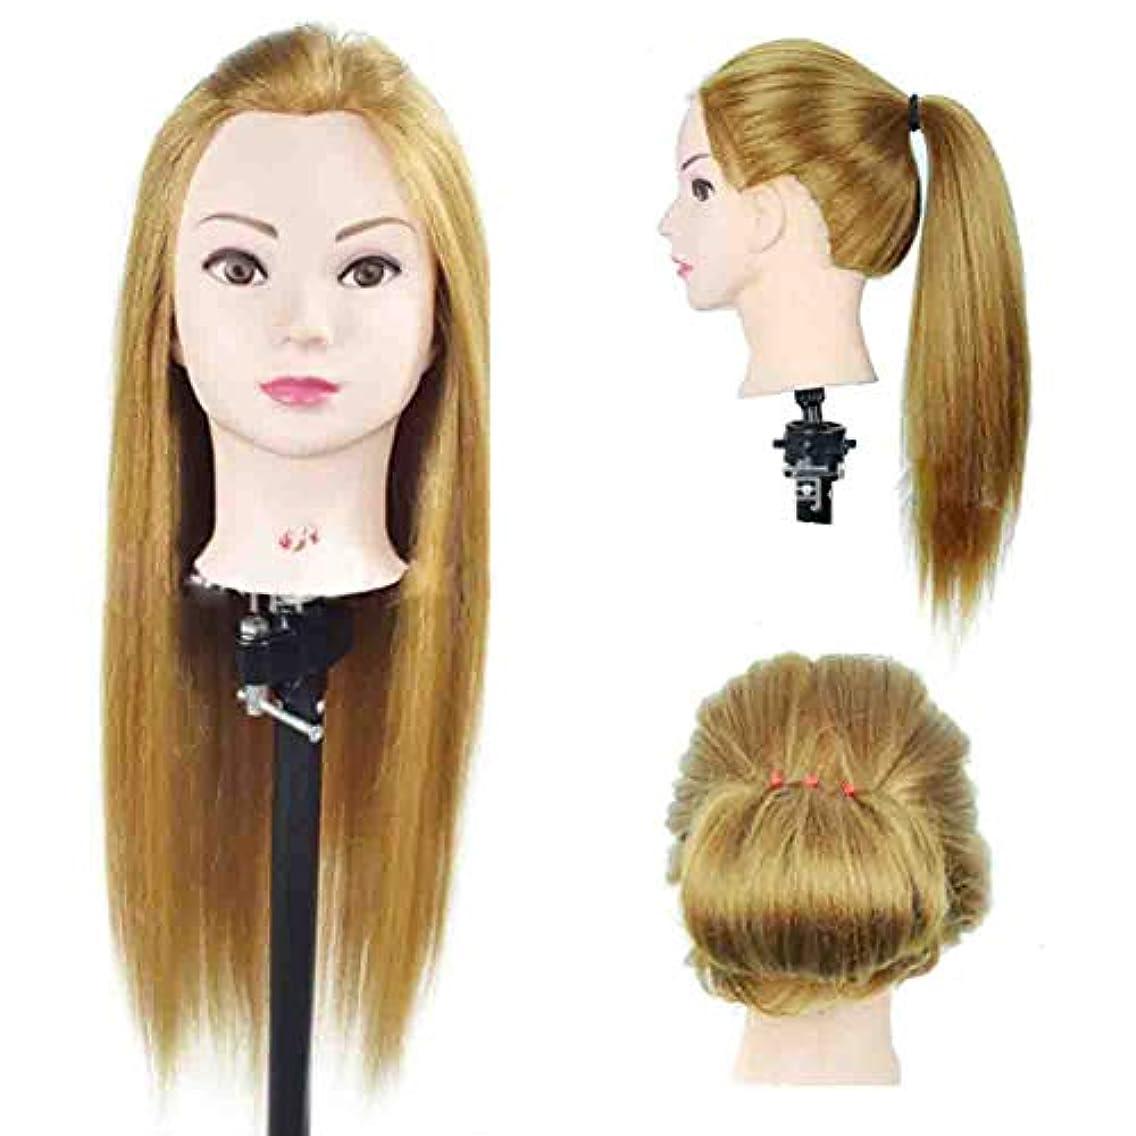 に賛成キャッシュ頻繁にサロンヘアブレイディングヘアスタイルヘアスタイルヘアスタイルヘアスタイルヘアスタイルヘアスタイル